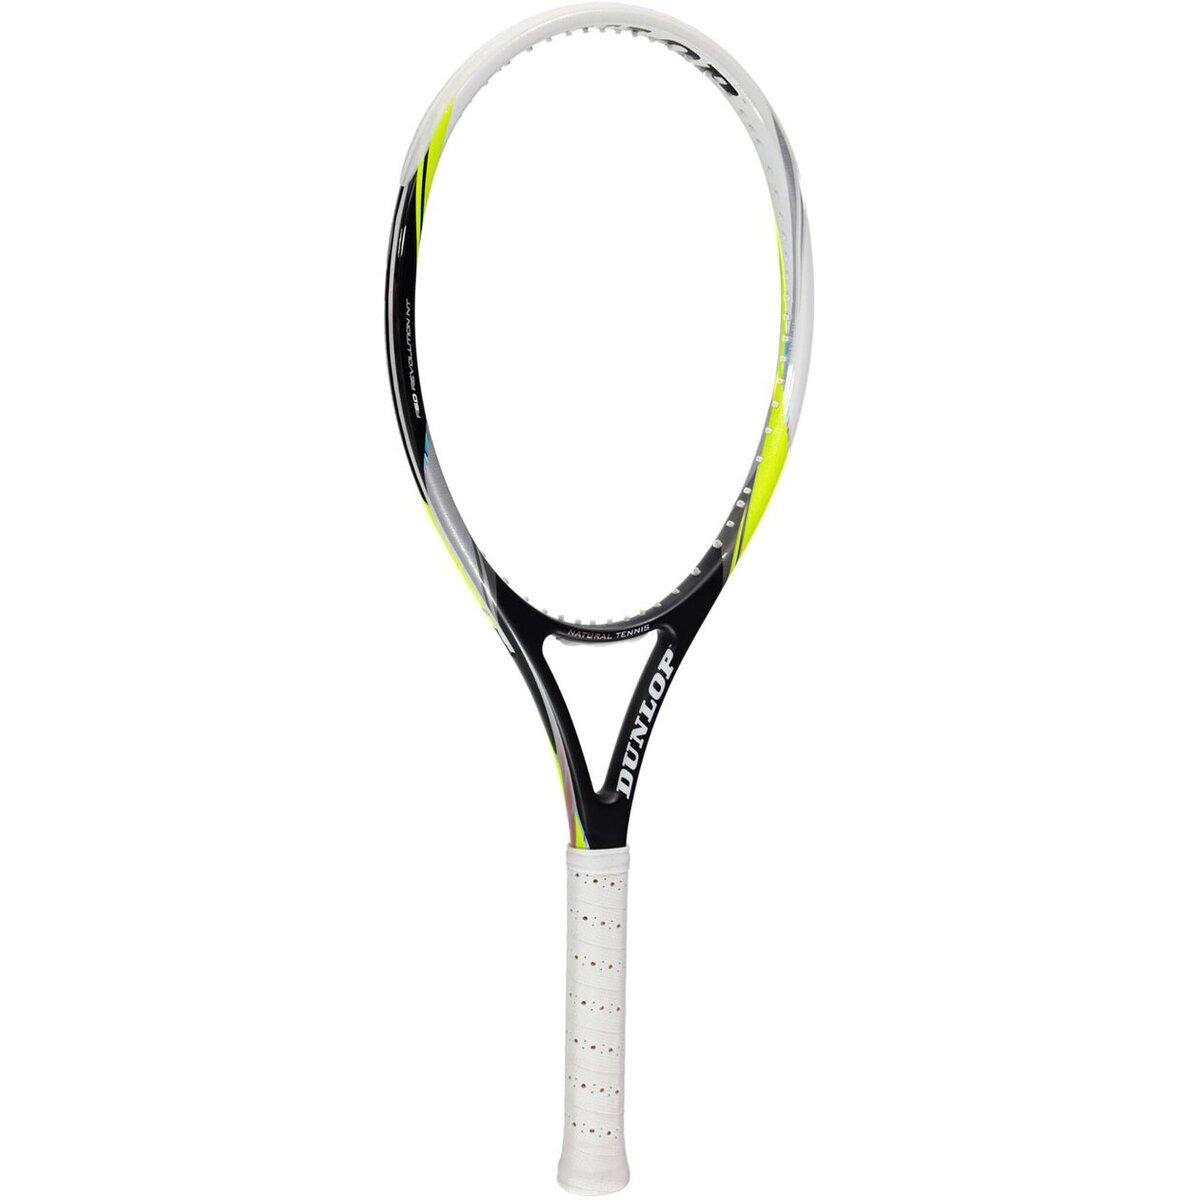 Bild 3 von DUNLOP Tennisschläger R6.0 Revolution NT - unbesaitet